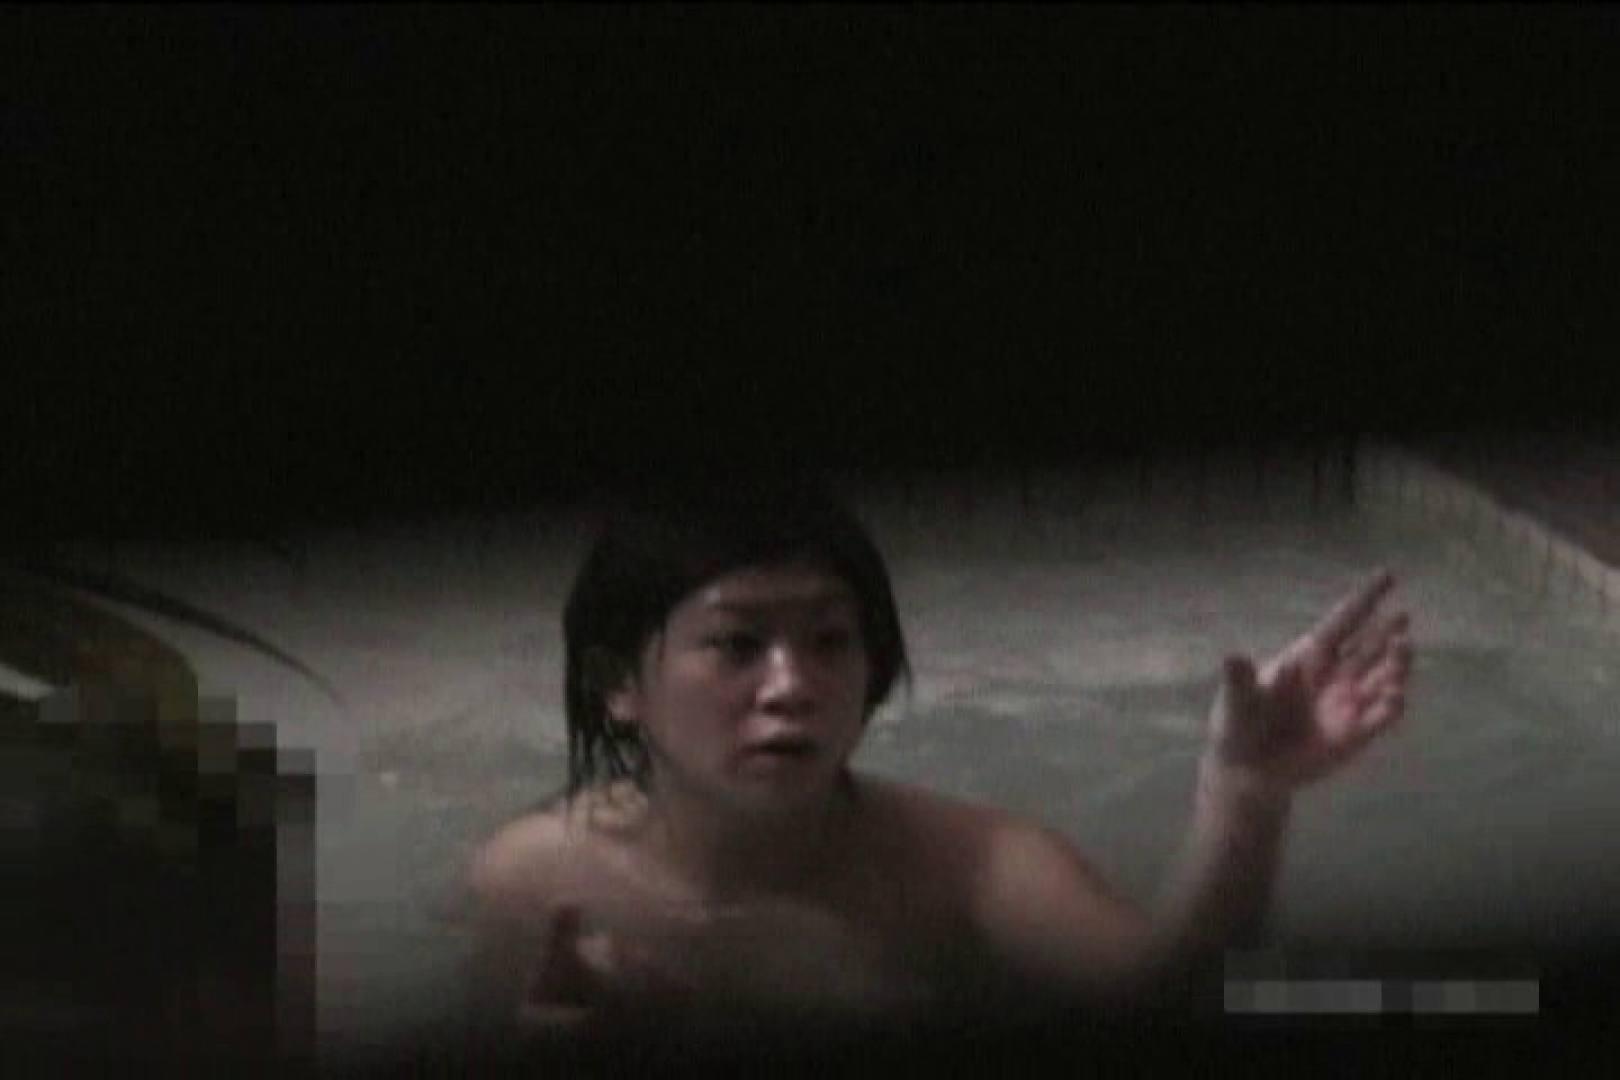 全裸で発情!!家族風呂の実態Vol.1 OLエロ画像 盗撮AV動画キャプチャ 78PICs 37